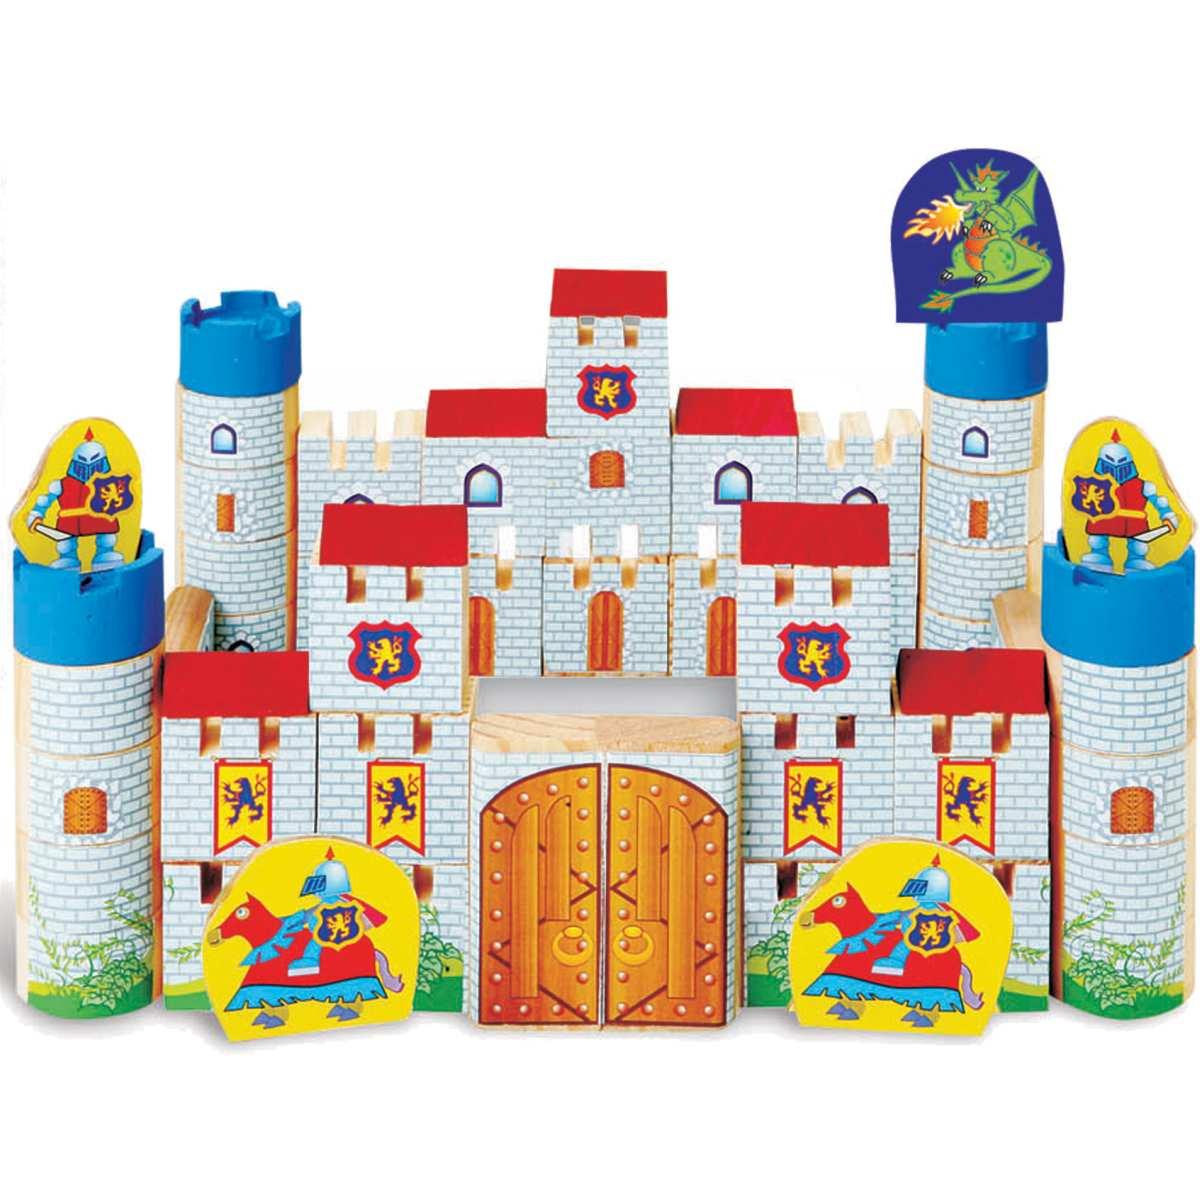 Brinquedo para Montar | Castelo Encantado Madeira 64Pc | Brinc. de Crianca